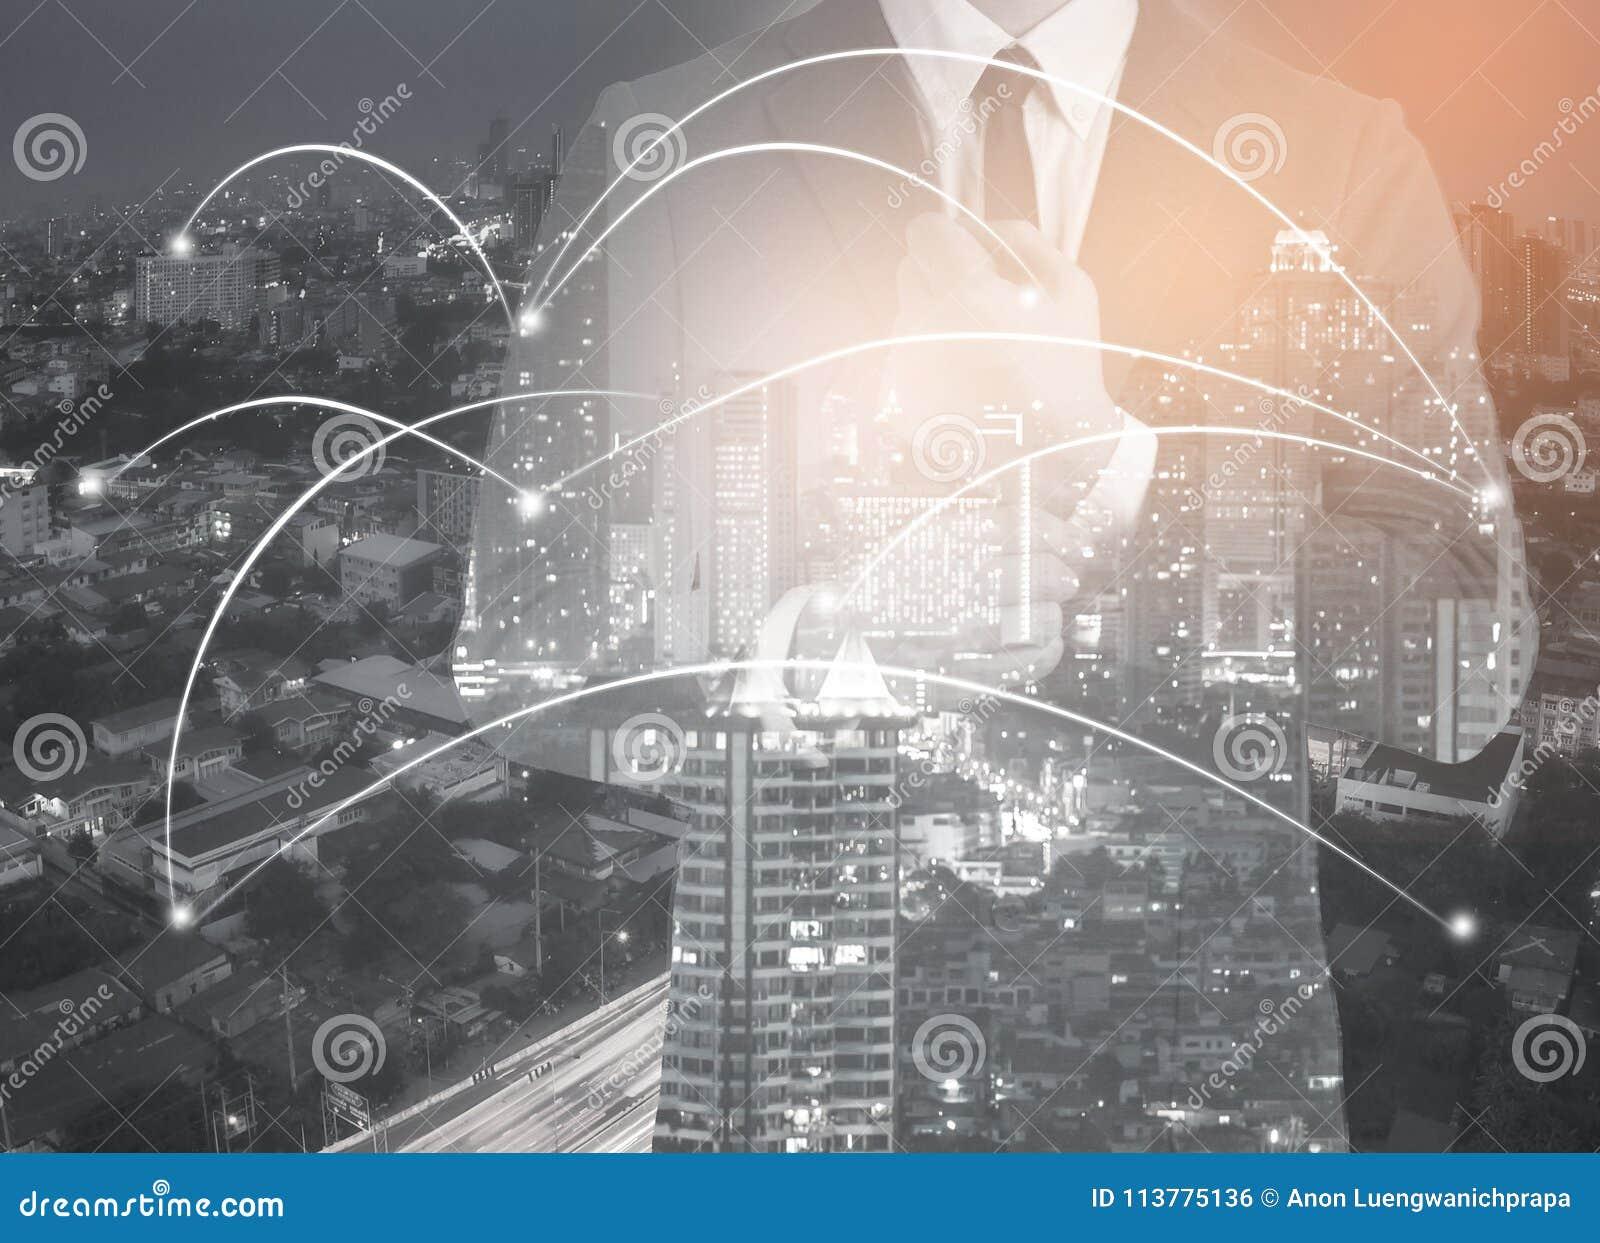 Διπλή έκθεση του δικτύου και σύνδεση πόλεων και δικτύων συμπυκνωμένη